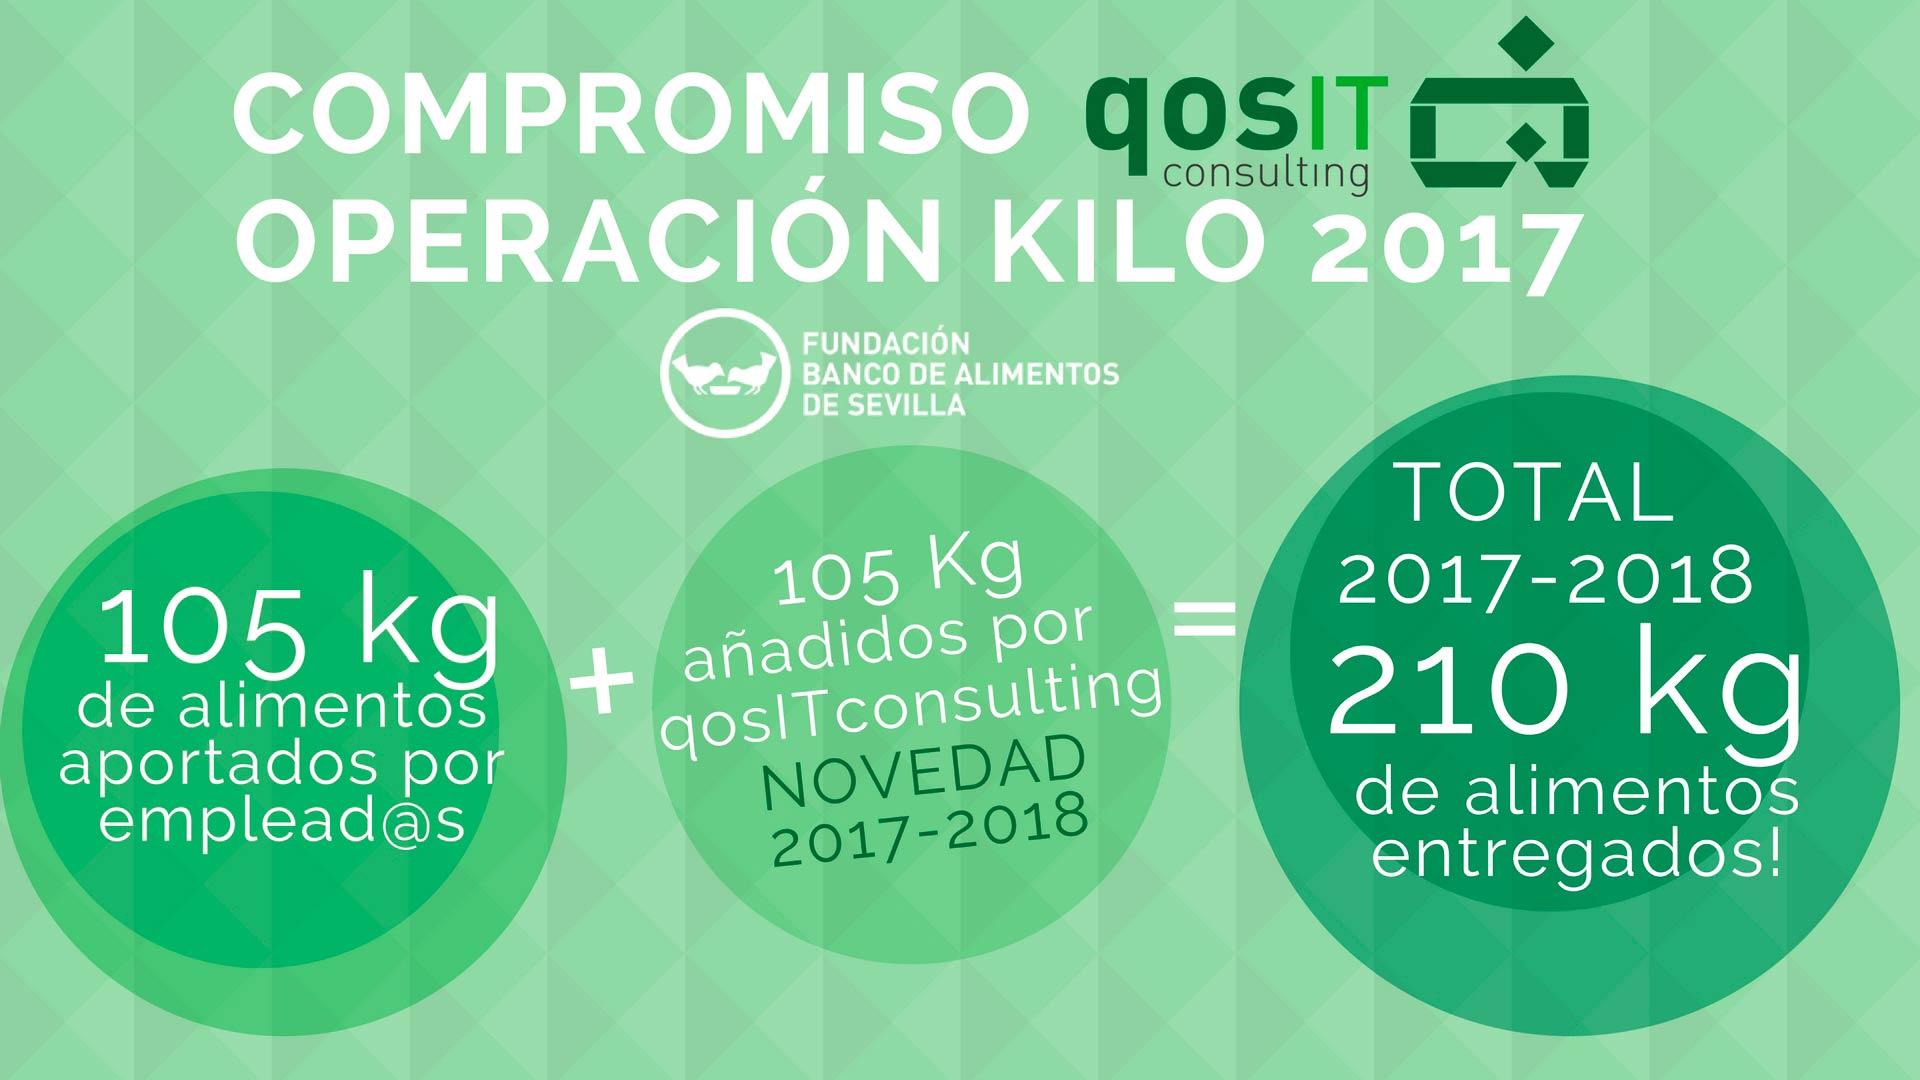 Compromiso qosITconsulting resultados Operación kilo 2017